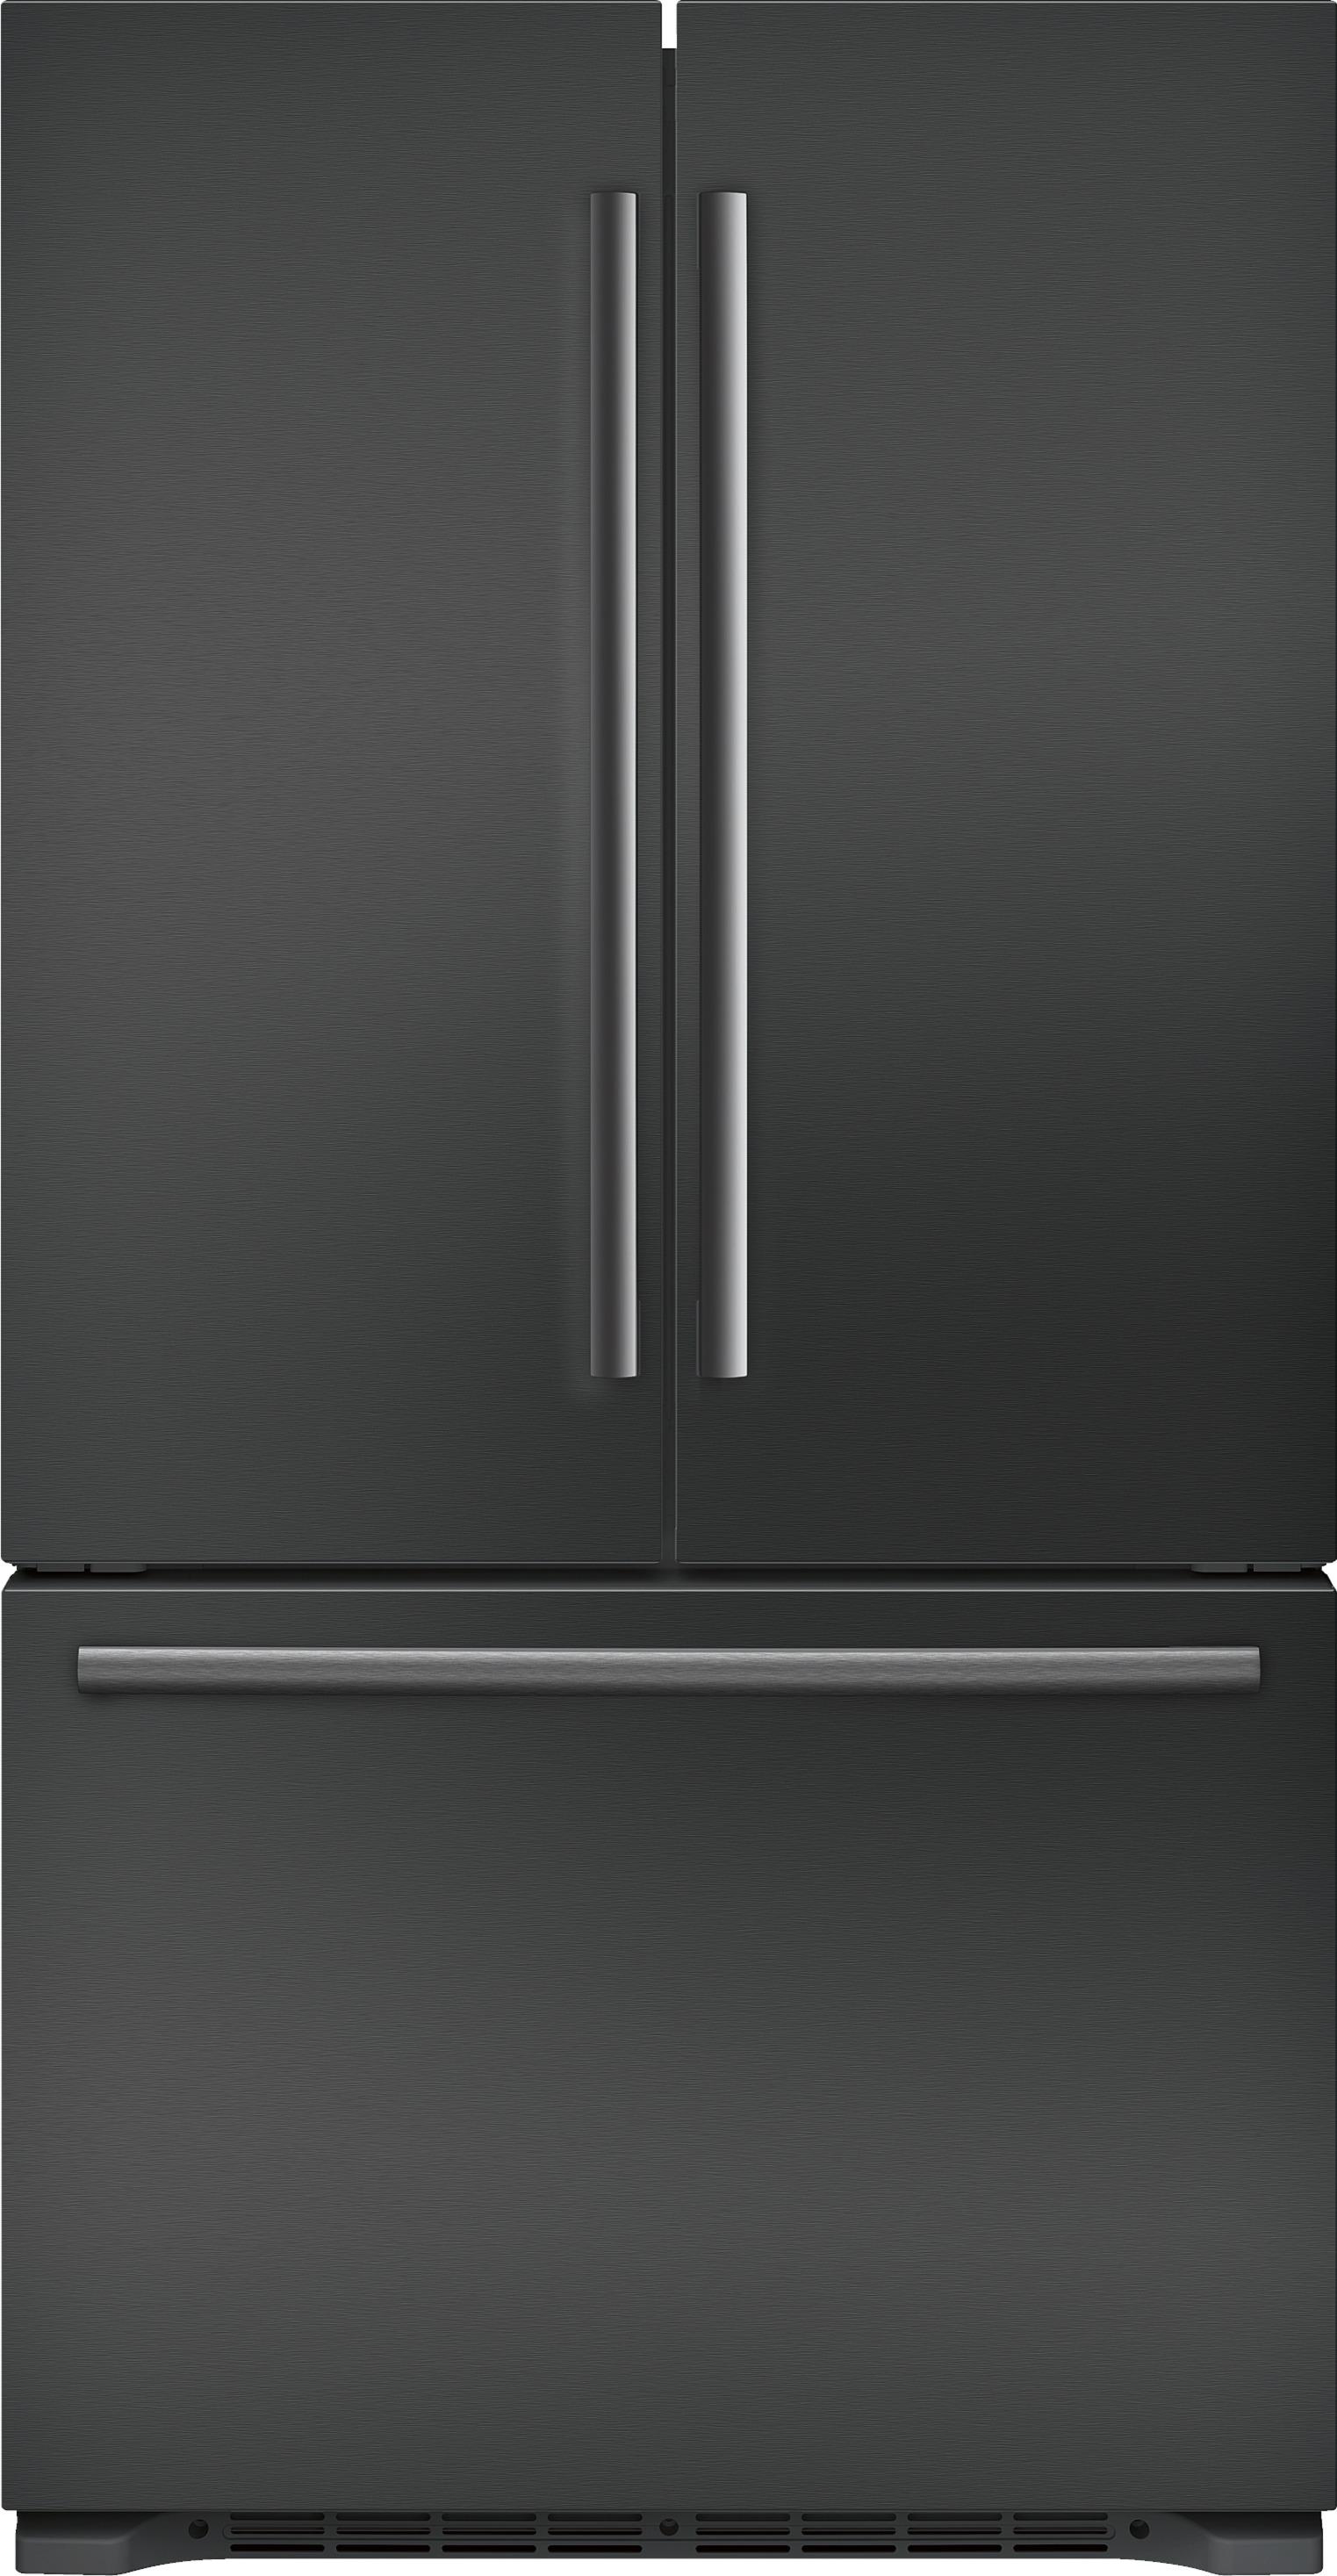 Ft. Counter Depth 3 Door Refrigerator Black Stainless